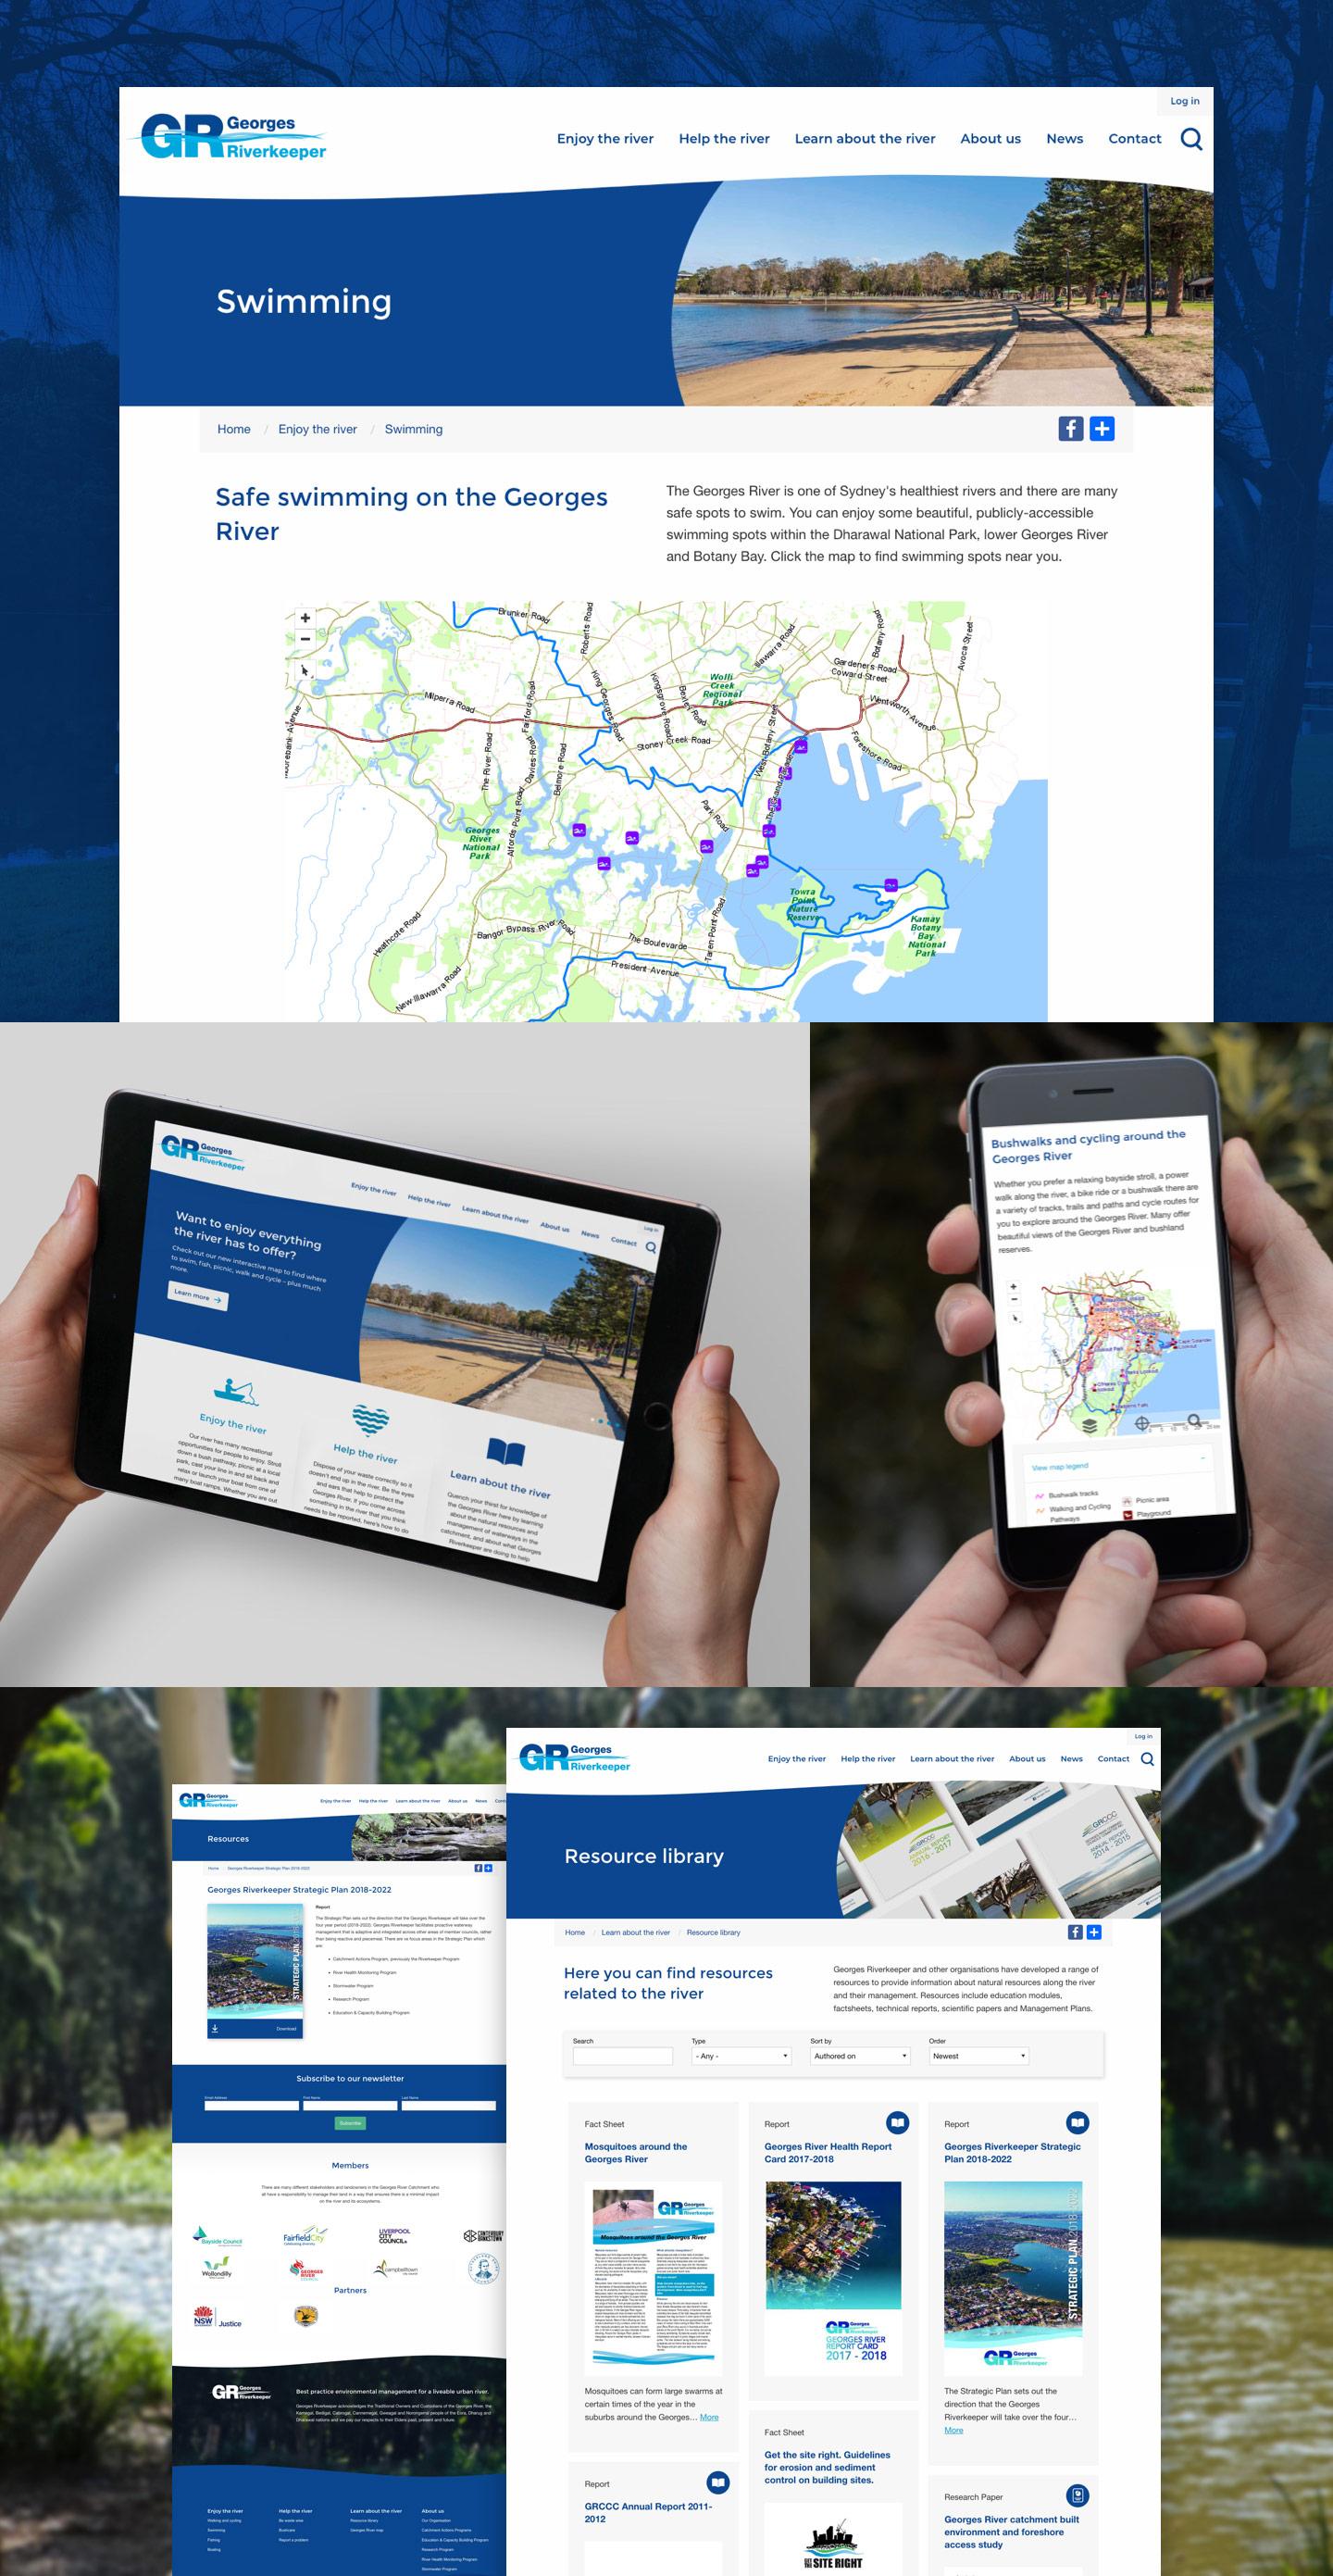 Georges Riverkeeper Website